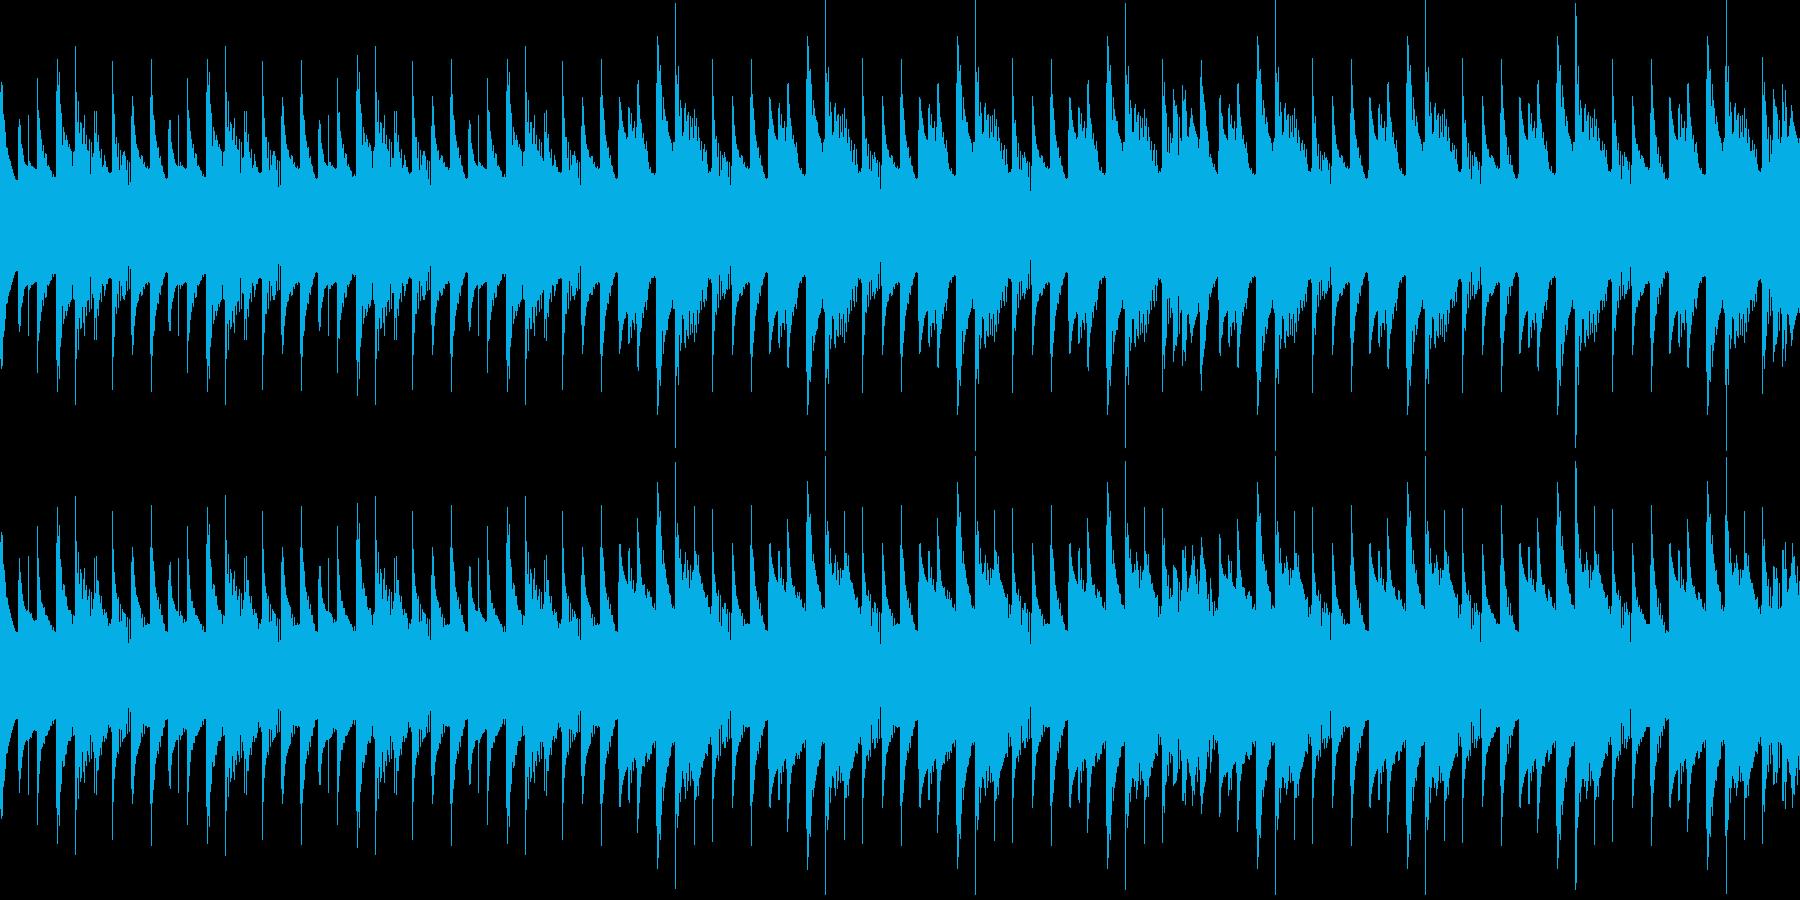 ダンジョン、ミステリアス不思議な空間の再生済みの波形